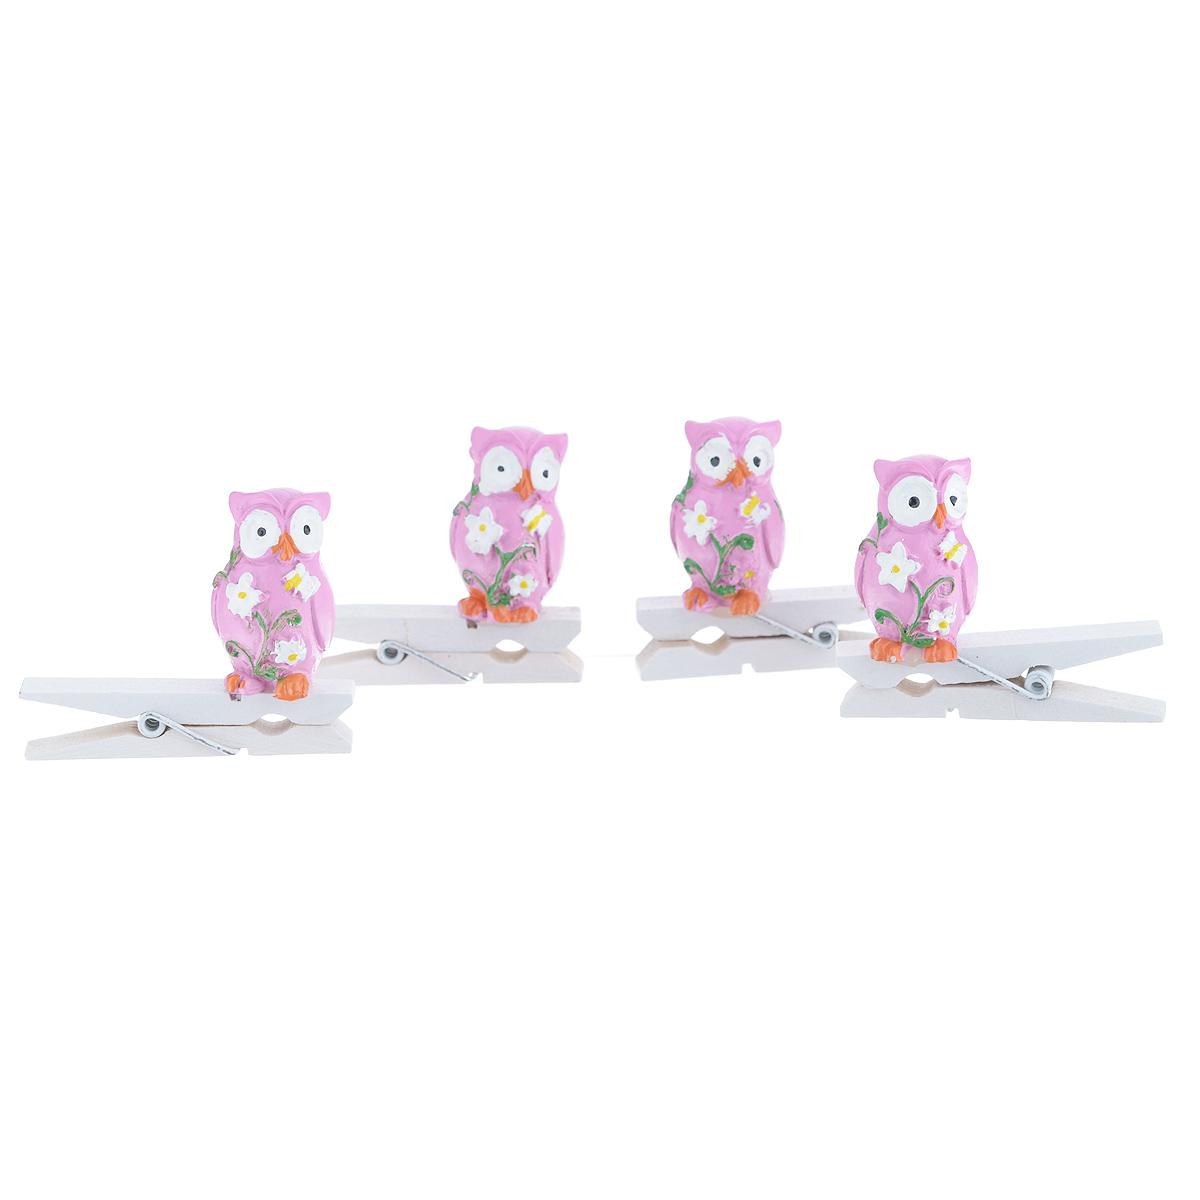 Набор декоративных прищепок Феникс-презент Совушки, 4 шт39436Набор Феникс-презент Совушки состоит из 4 декоративных прищепок, выполненных из дерева. Прищепки оформлены декоративными фигурками из полирезины в виде сов с цветами. Изделия используются для развешивания стикеров на веревке, маленьких игрушек, а оригинальность и веселые цвета прищепок будут радовать глаз и поднимут настроение. Размер прищепки: 4,5 см х 1,5 см х 4 см.